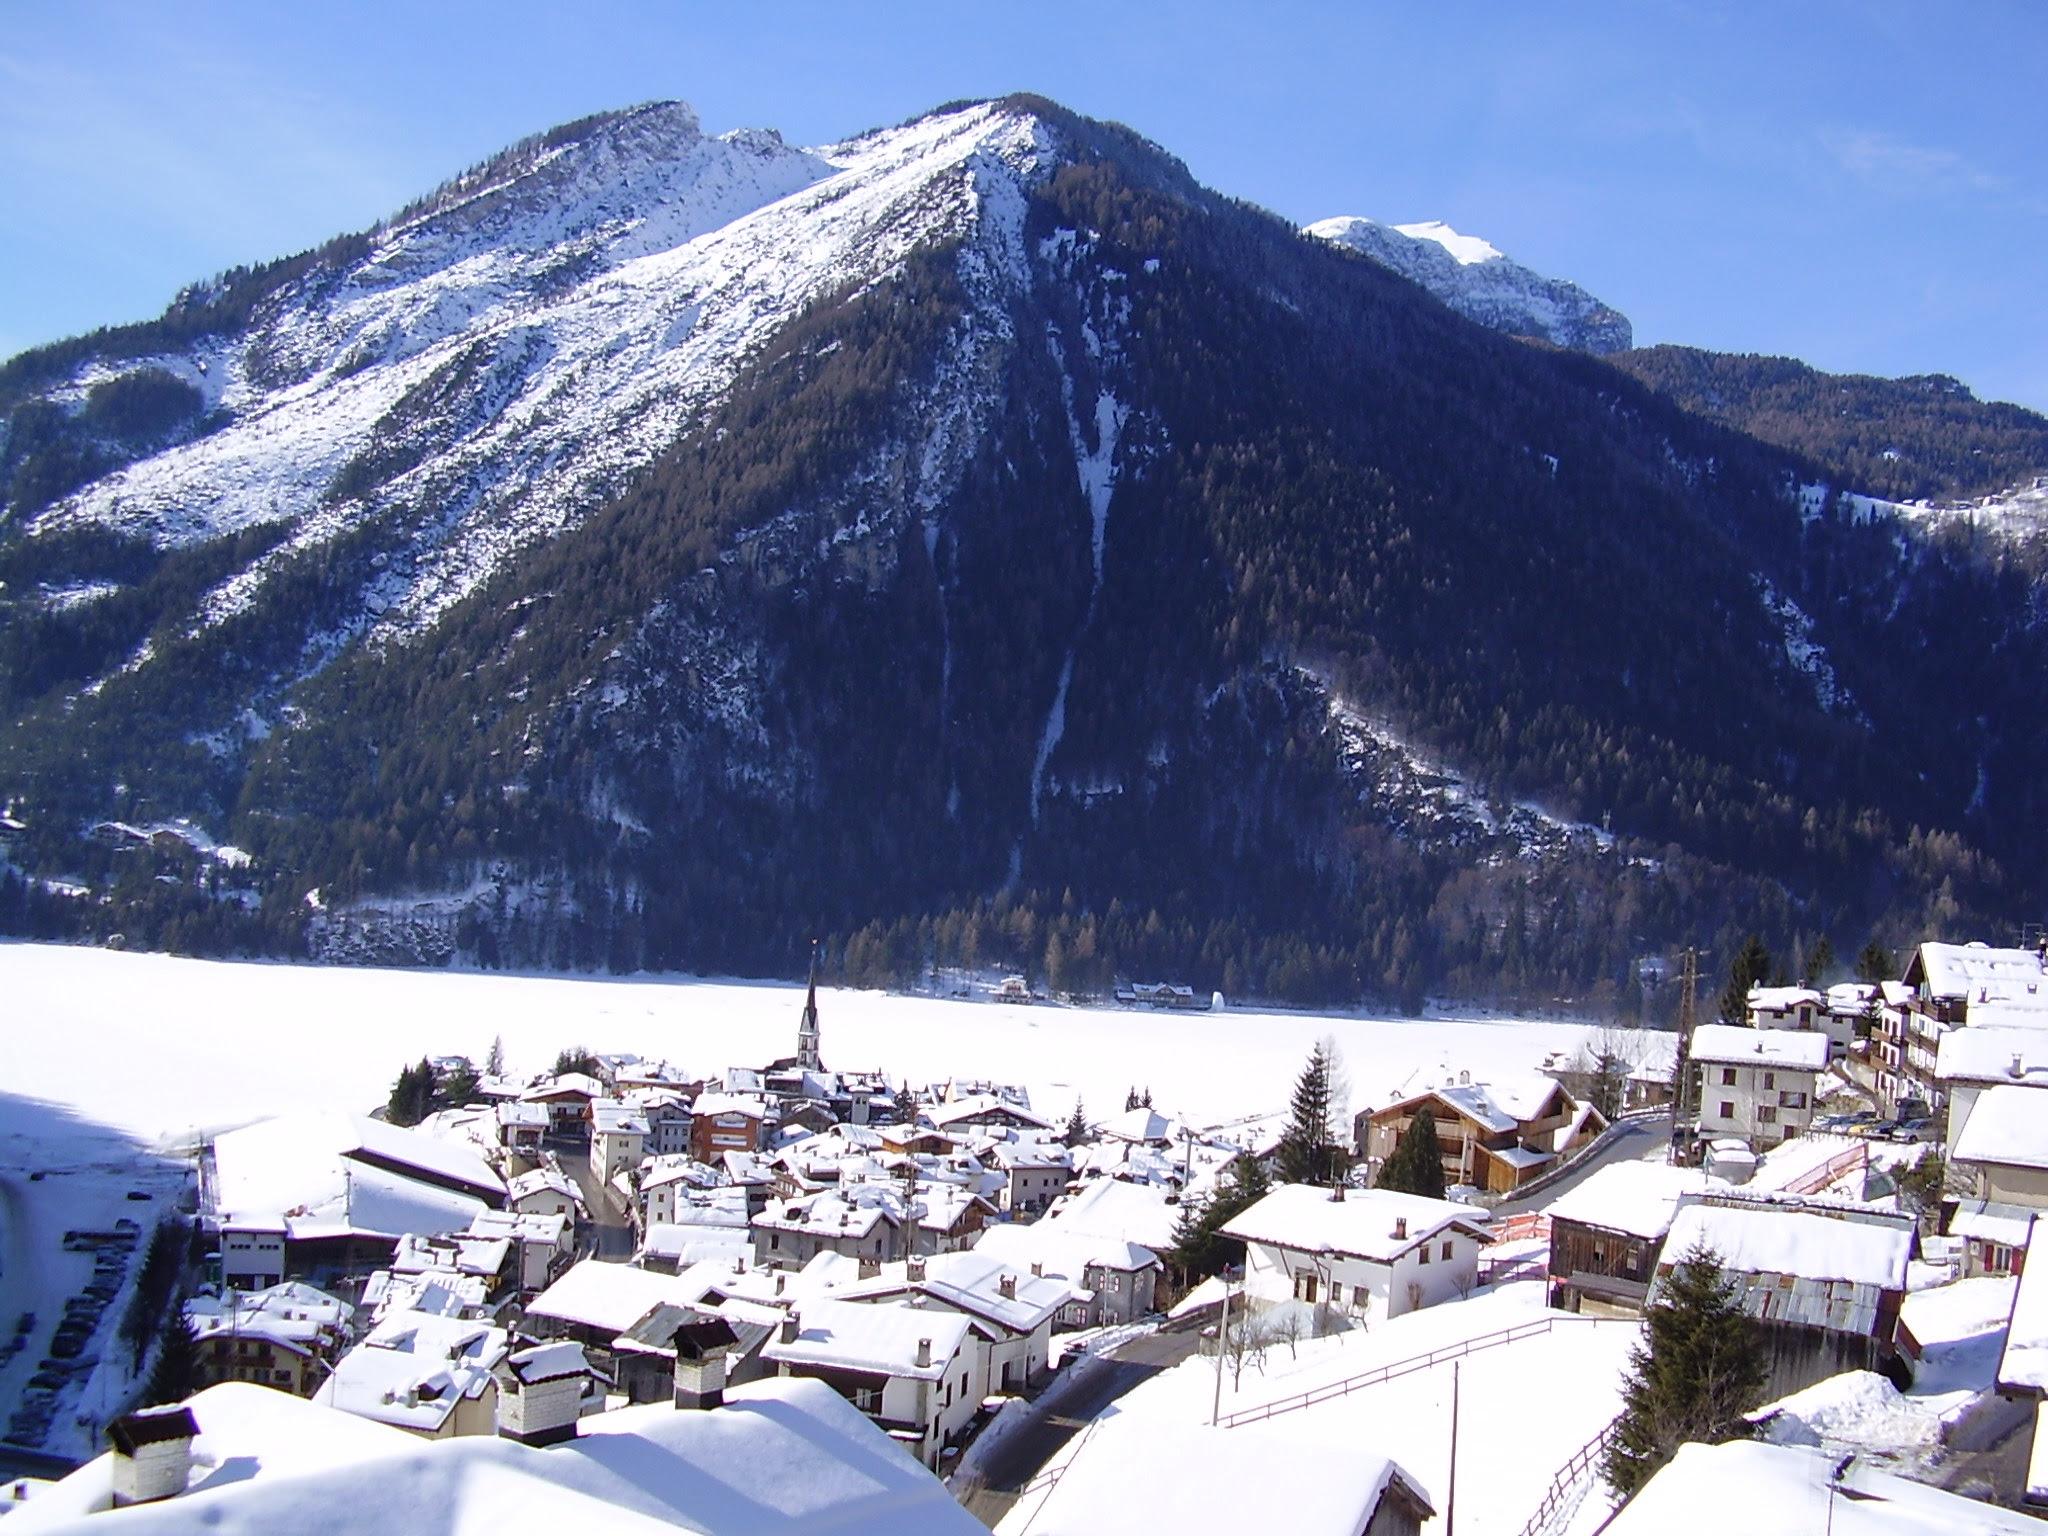 http://www.snow-forecast.com/system/images/1975/original/Alleghe.jpg?1260435654